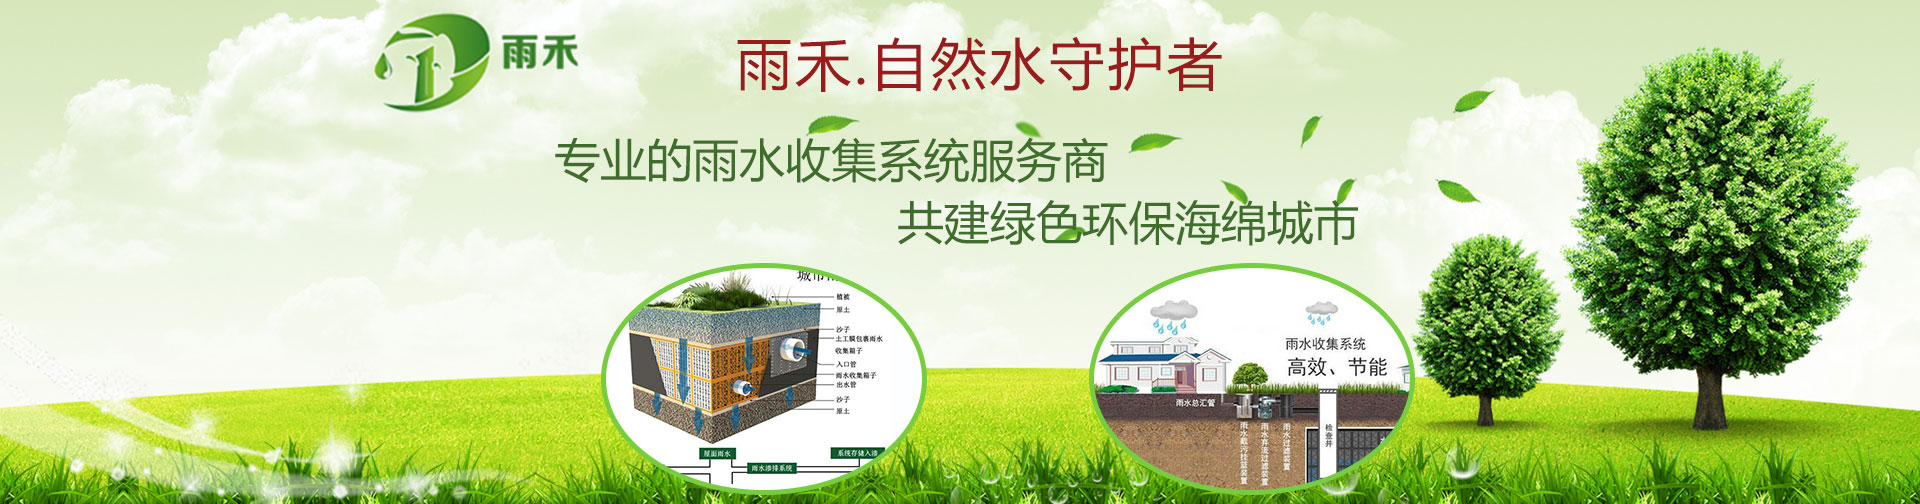 专业的雨水收集系统服务商,共建绿色环保海绵城市